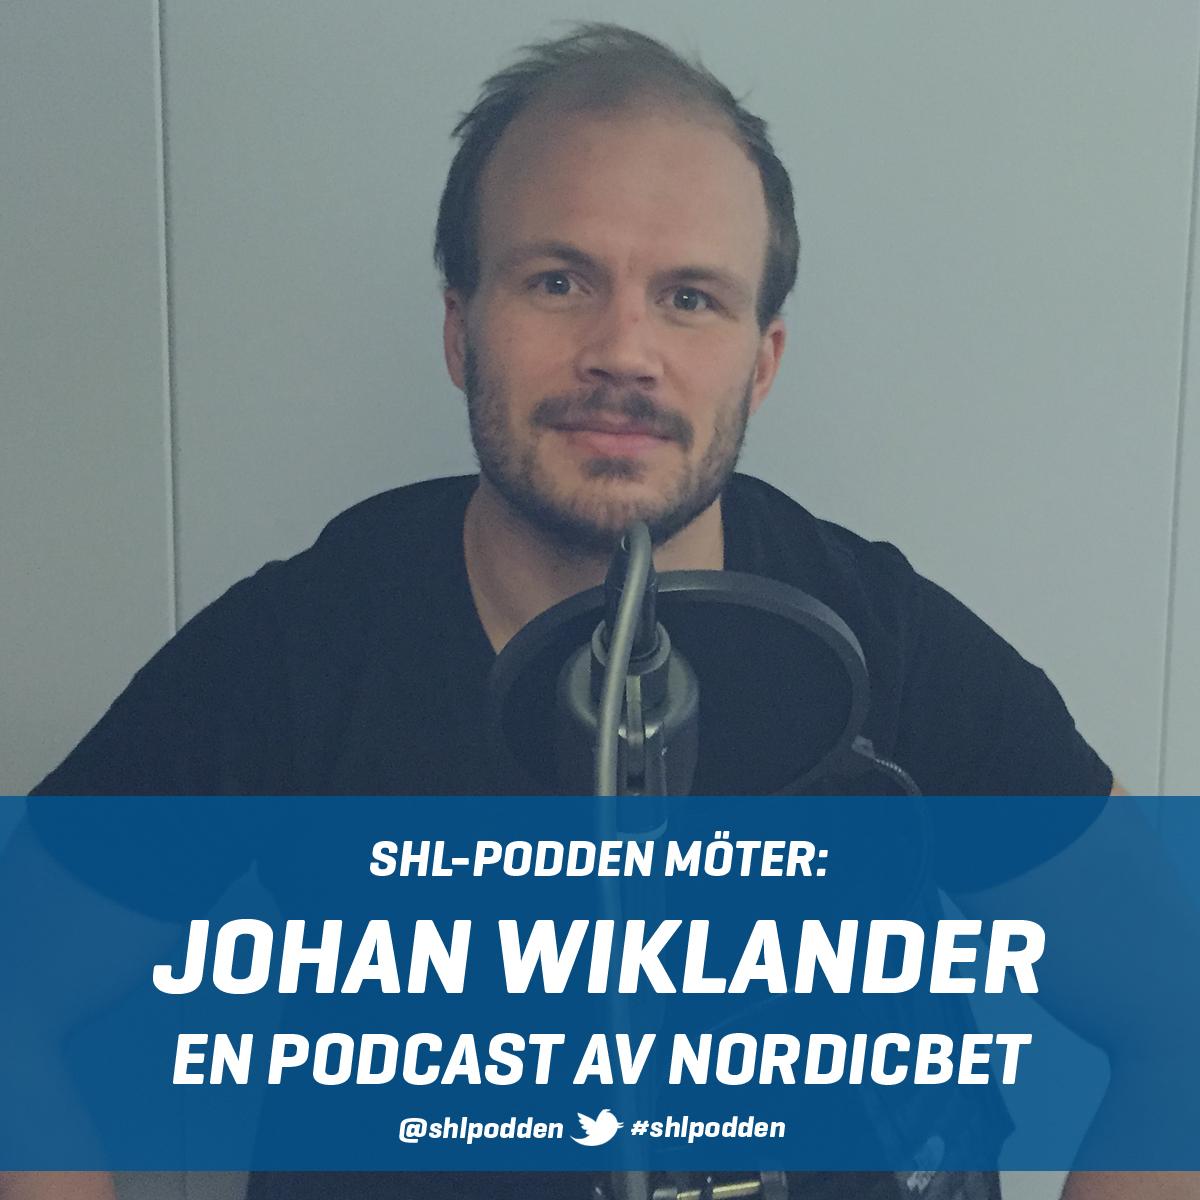 Moter-johan_wiklander-1200_1200